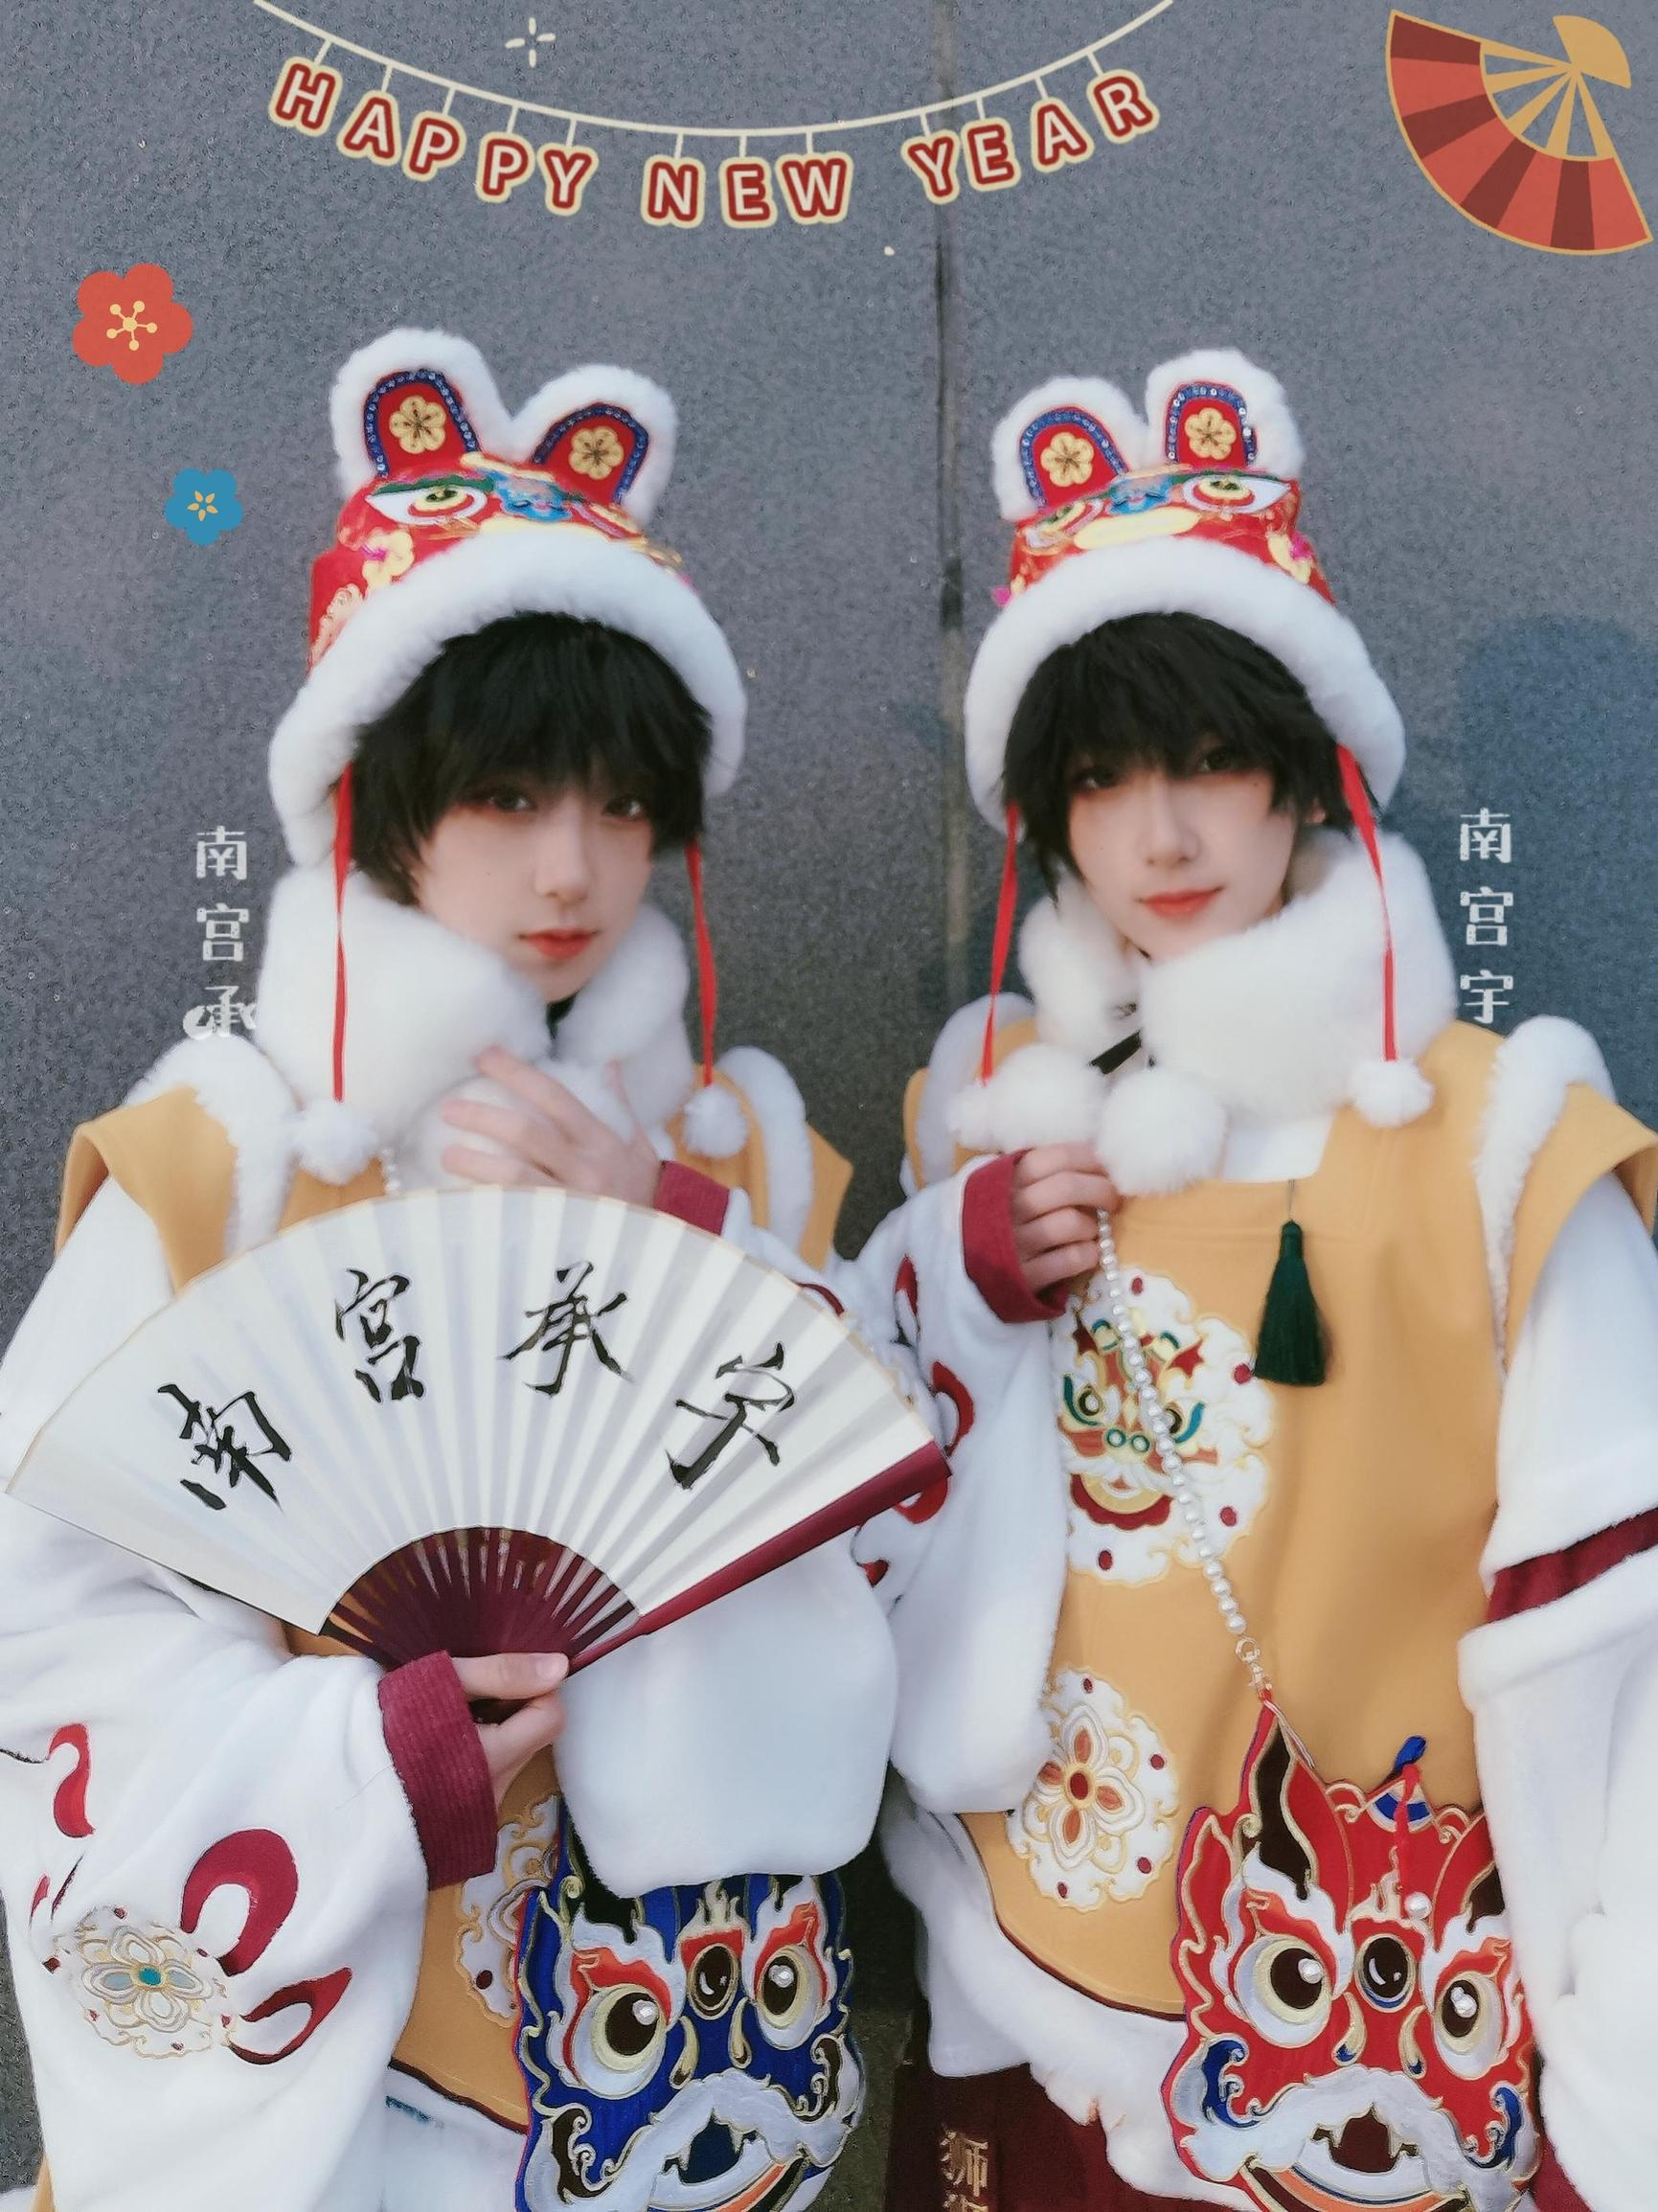 双胞胎cosplay【CN:南宫承宇】-第2张